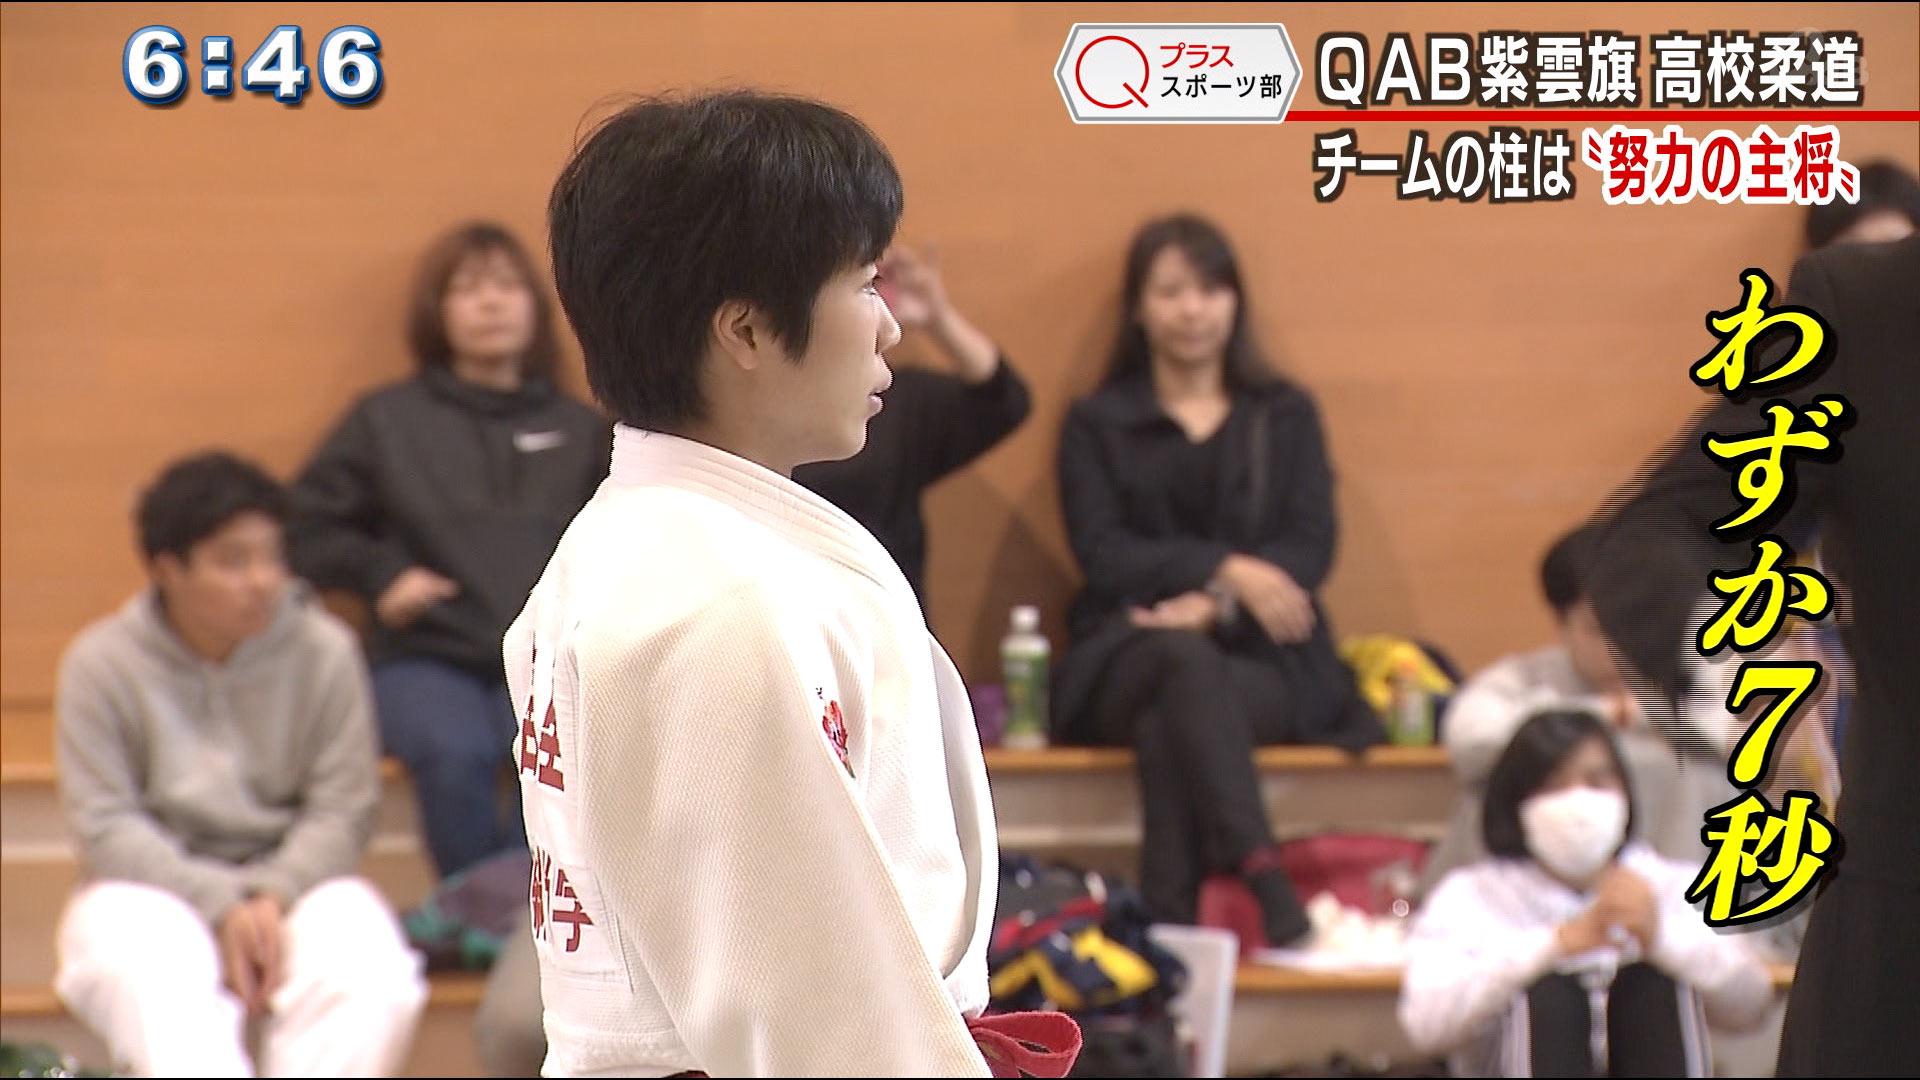 宮里選手は個人決勝でもわずか7秒で勝負を決め、優勝!